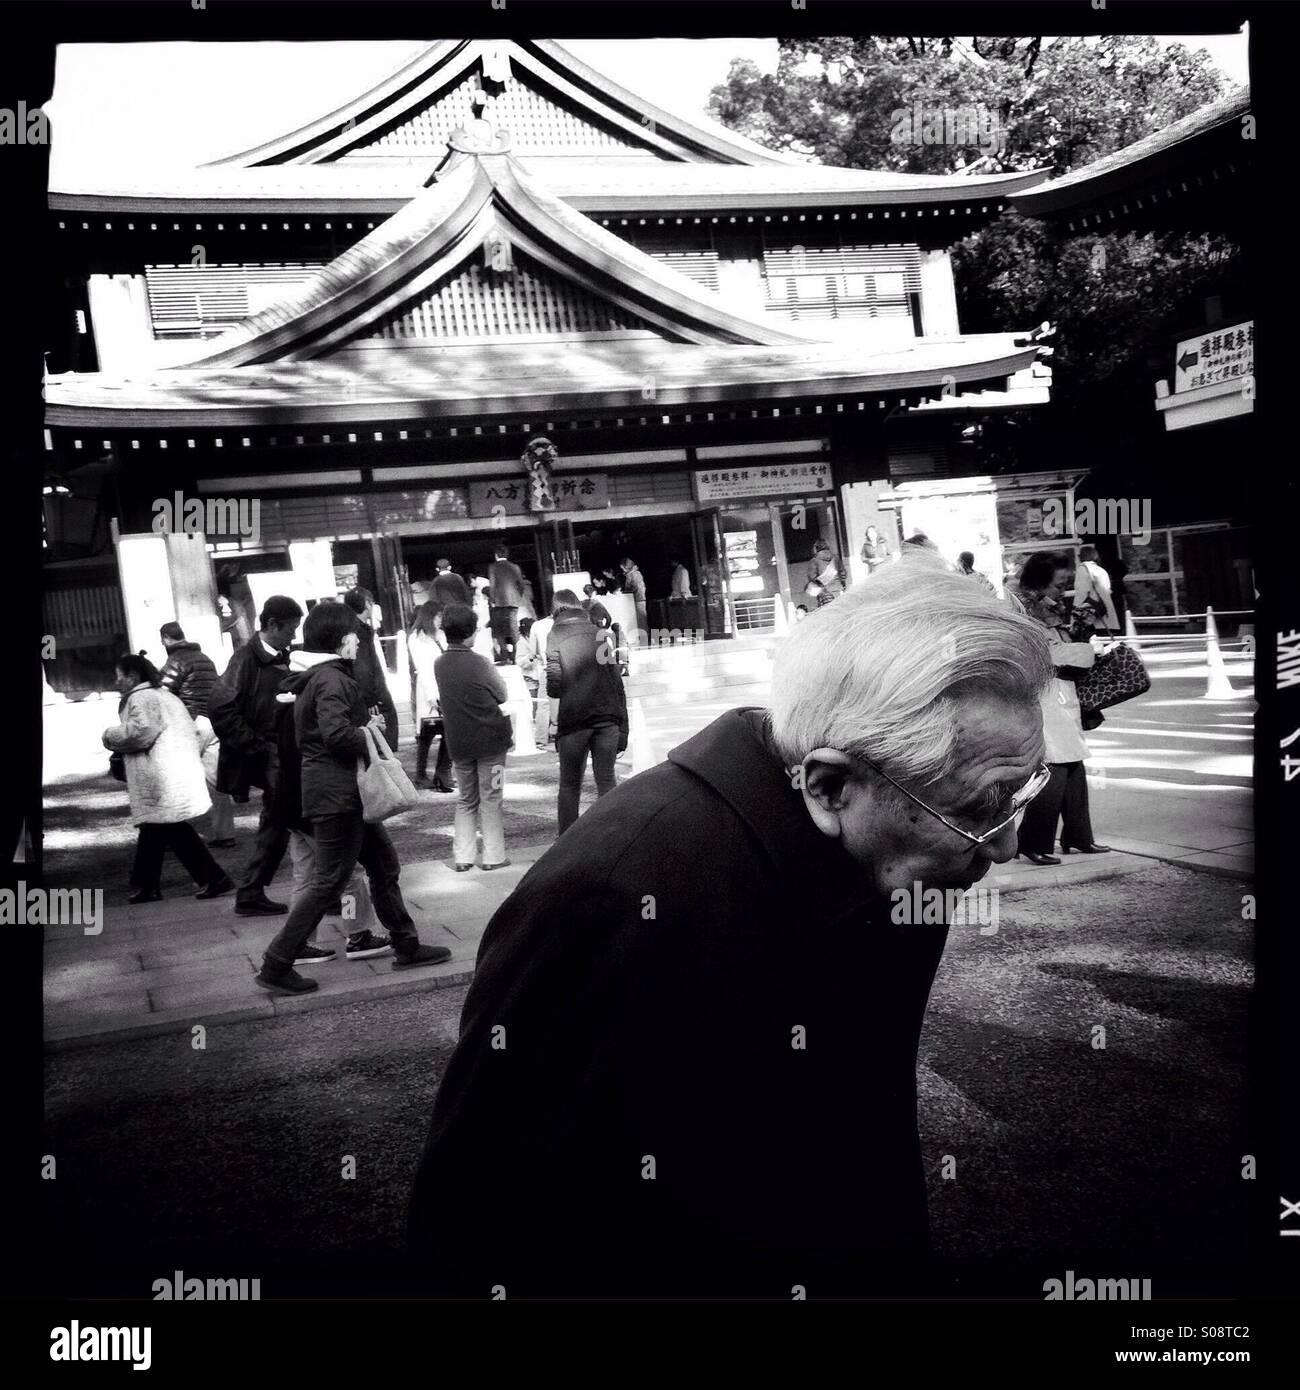 Samukawa Shinto shrine in Kanagawa prefecture, Japan. - Stock Image